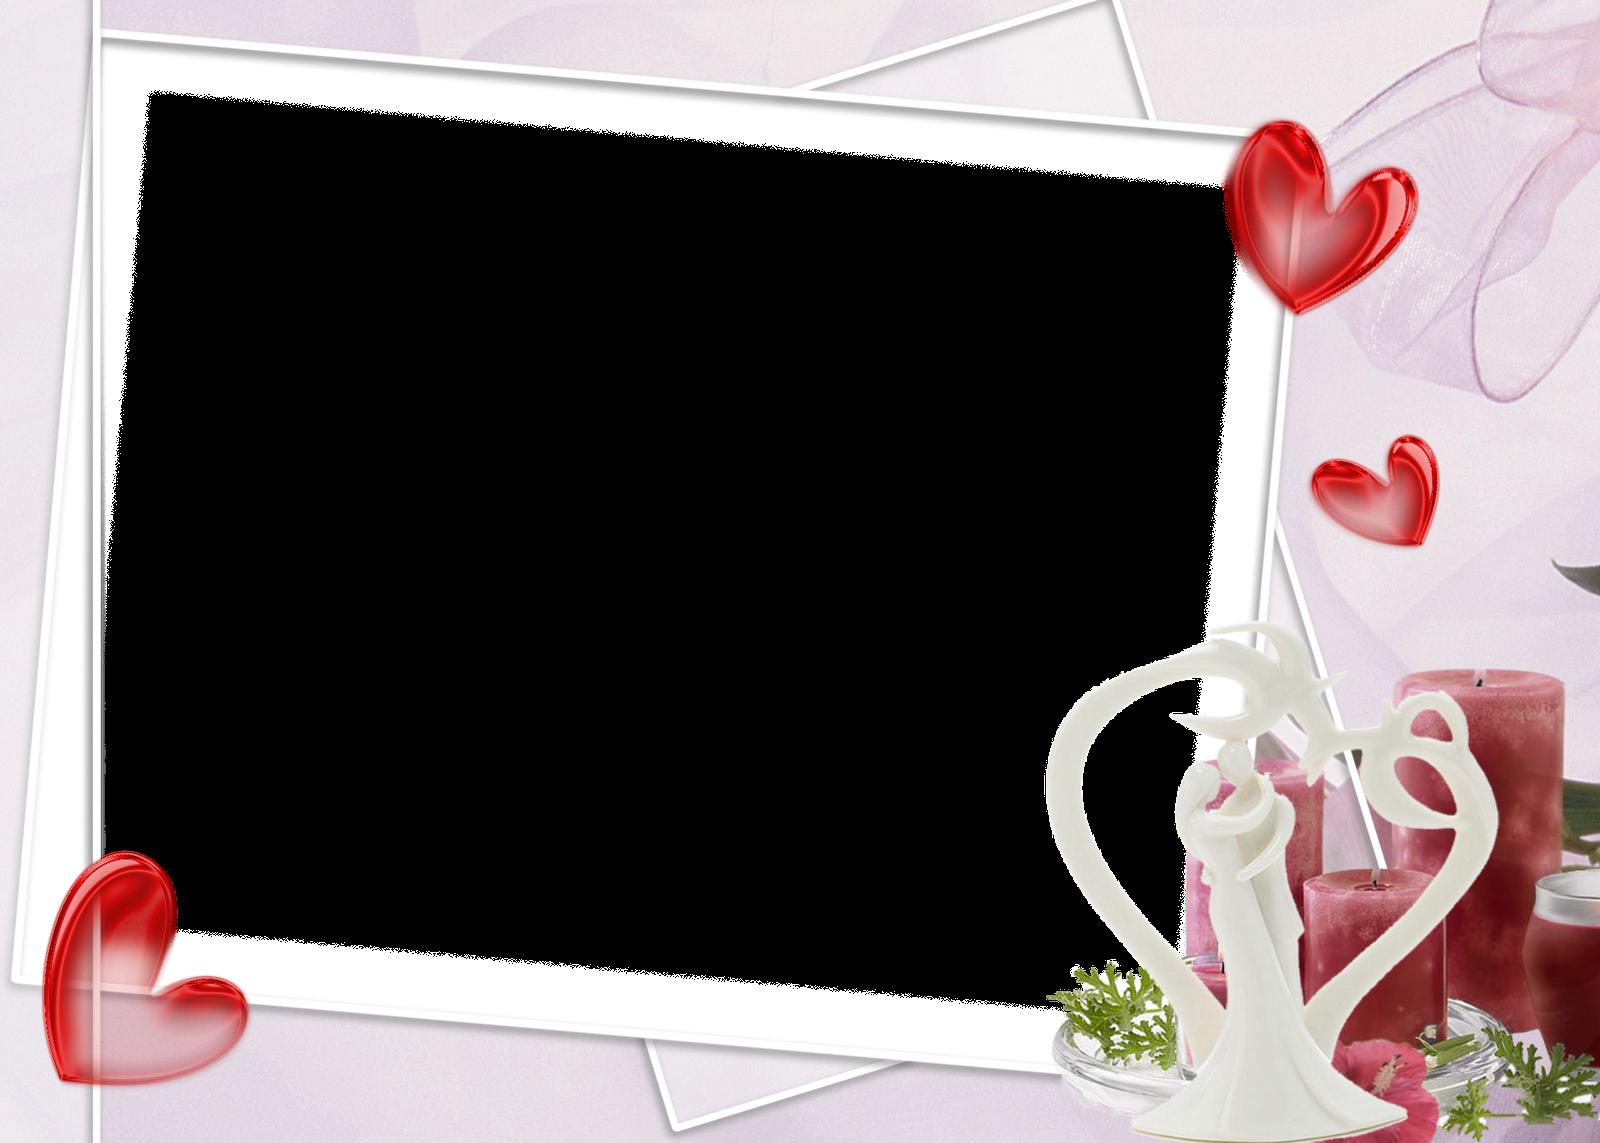 Marcospng fotos karenliz marcos png de corazones - Marcos de corazones para fotos ...